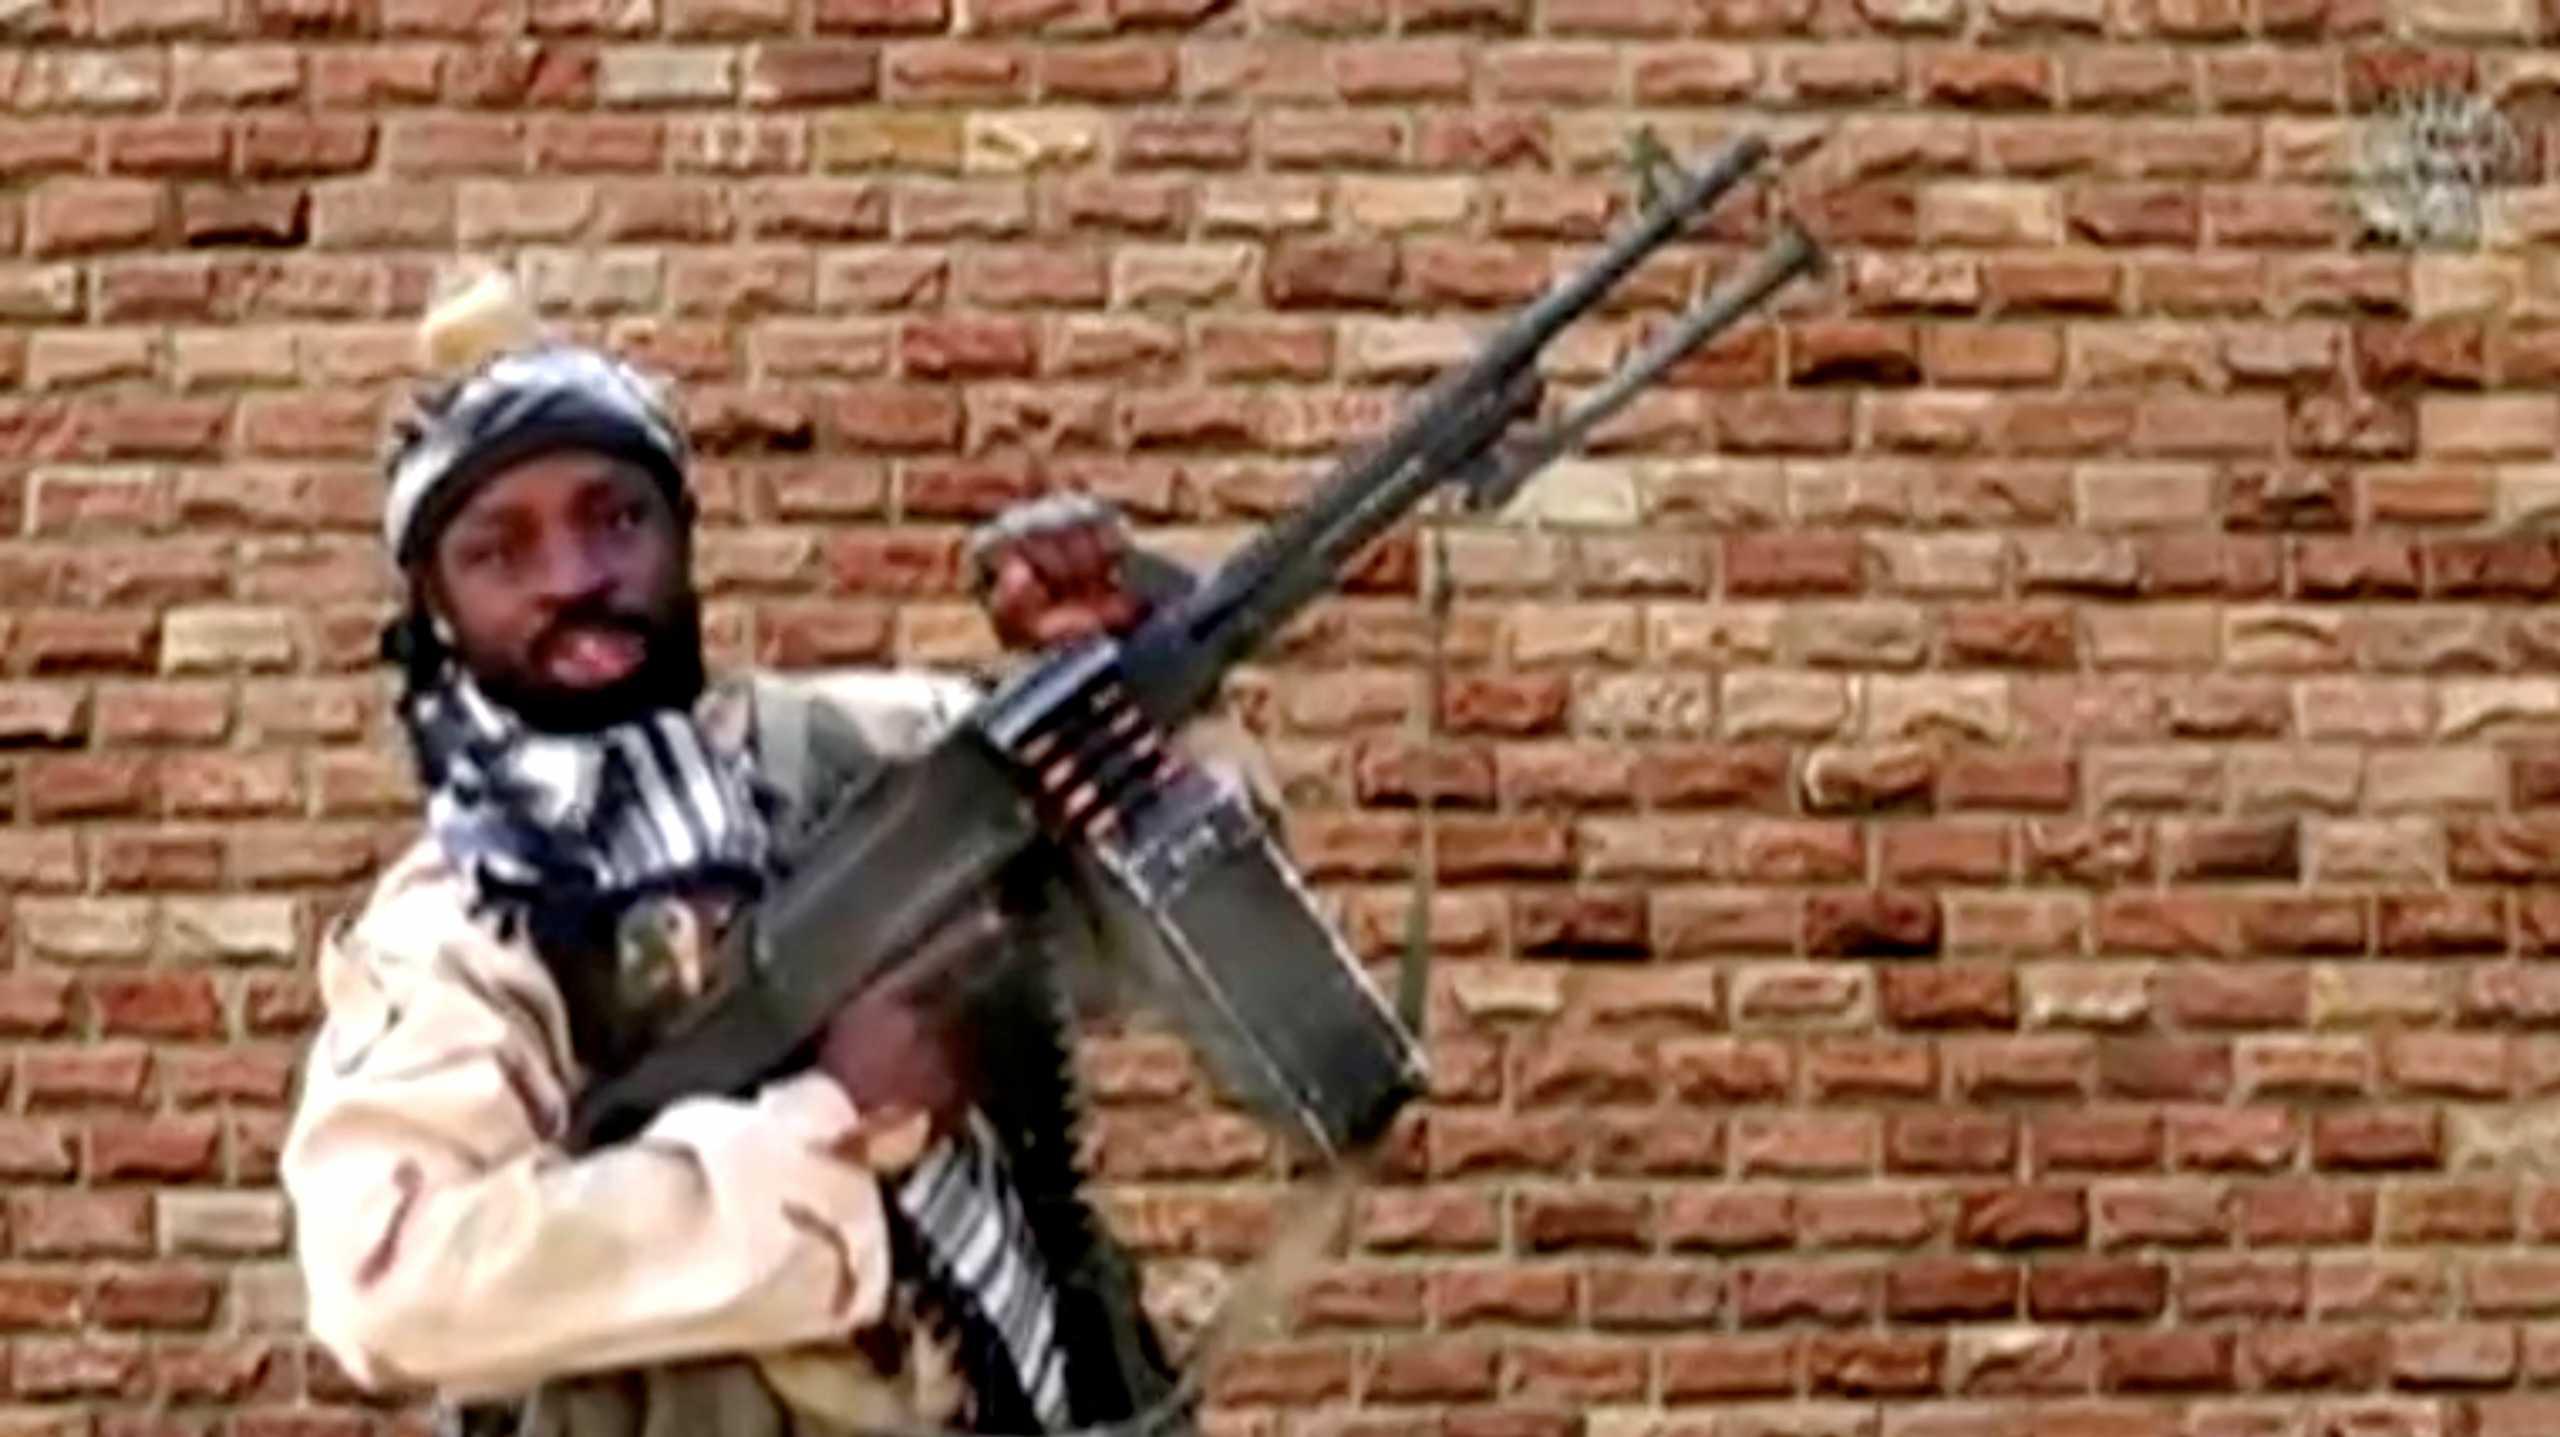 Νιγηρία: Απόπειρα αυτοκτονίας από τον ηγέτη της Μπόκο Χαράμ για να μην συλληφθεί από αντιπάλους